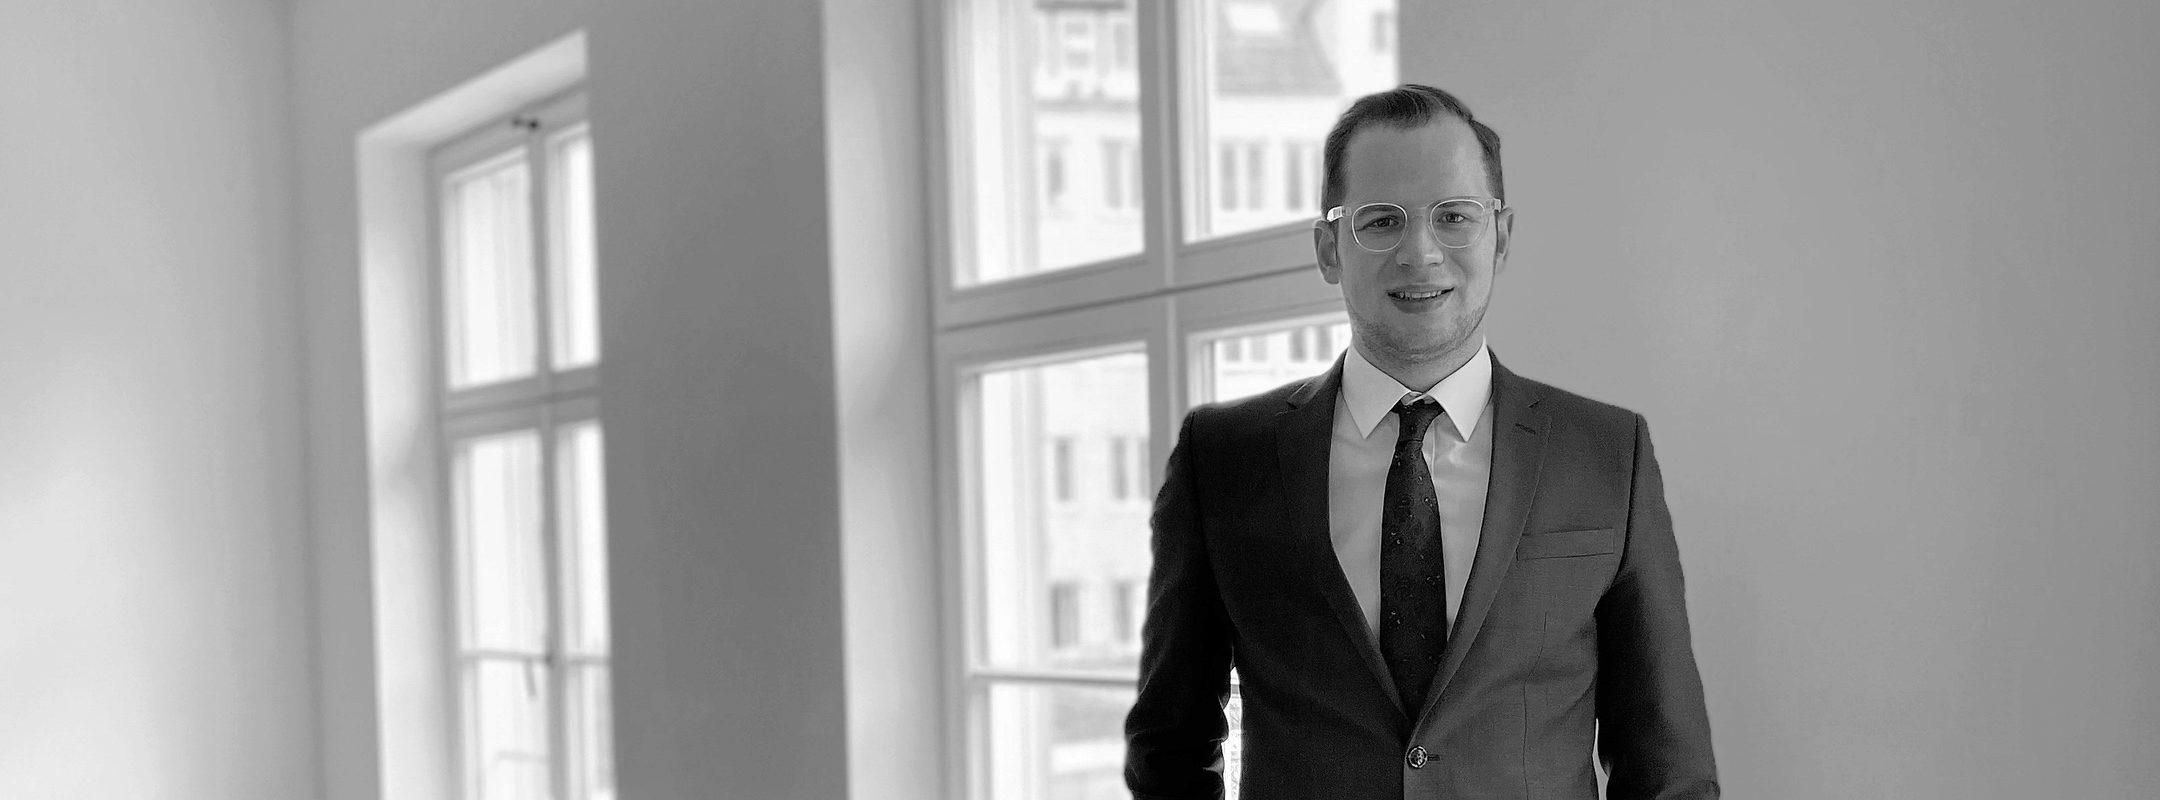 Jonas Rohde wissenschaftliche Mitarbeit Referendariat Gütt Olk Feldhaus Erfahrungen